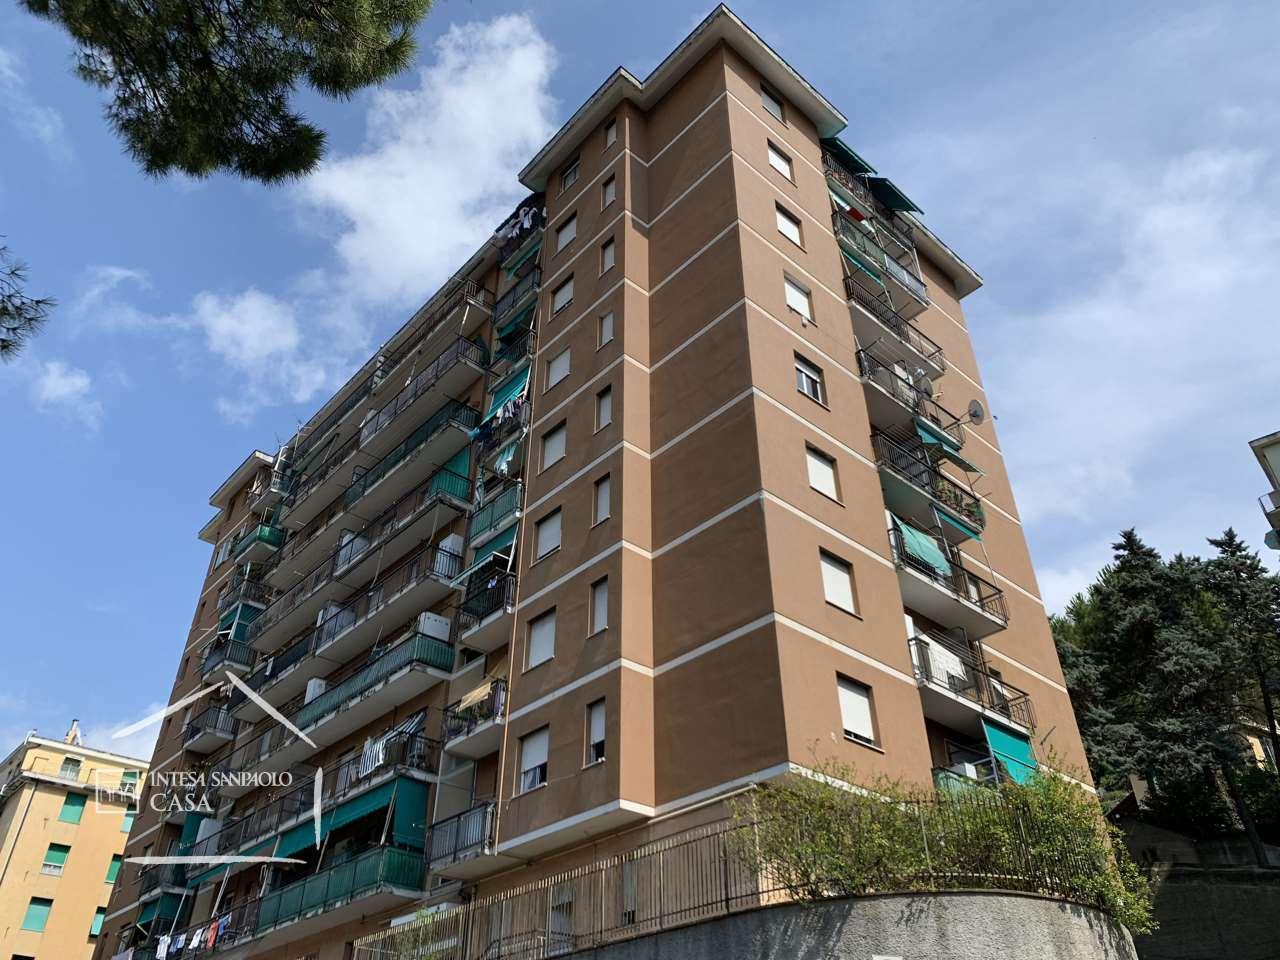 Appartamento in Vendita a Genova: 3 locali, 84 mq